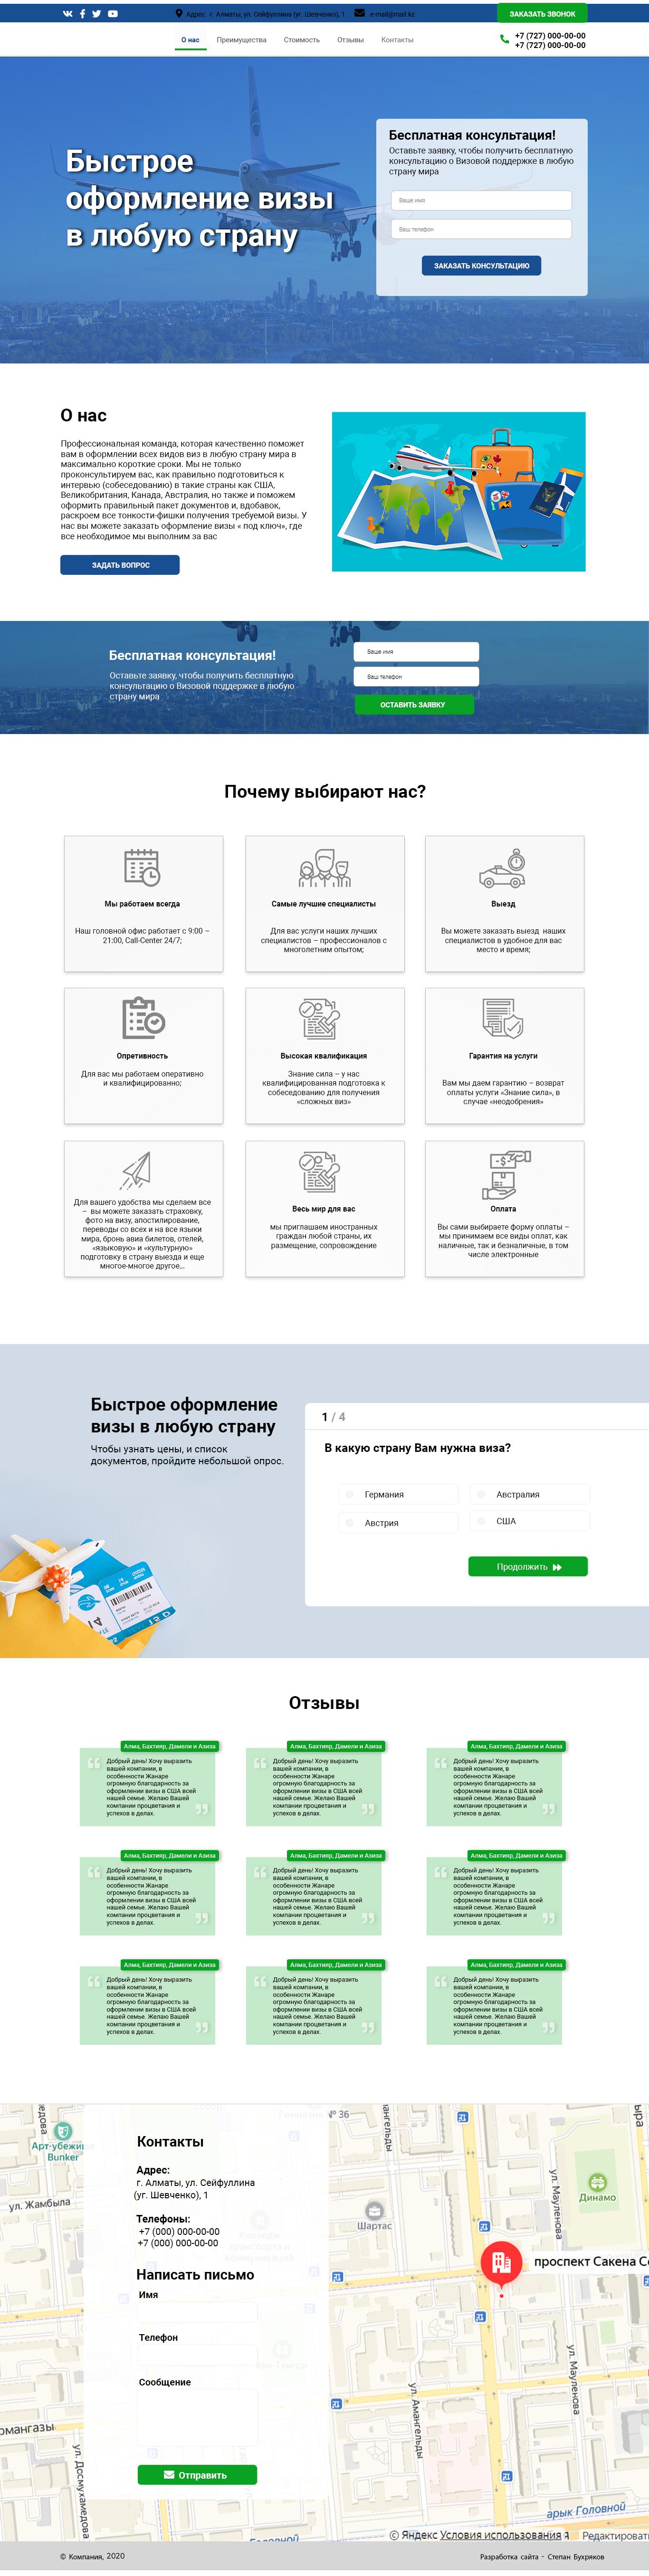 Дизайн Landing Визового агентства